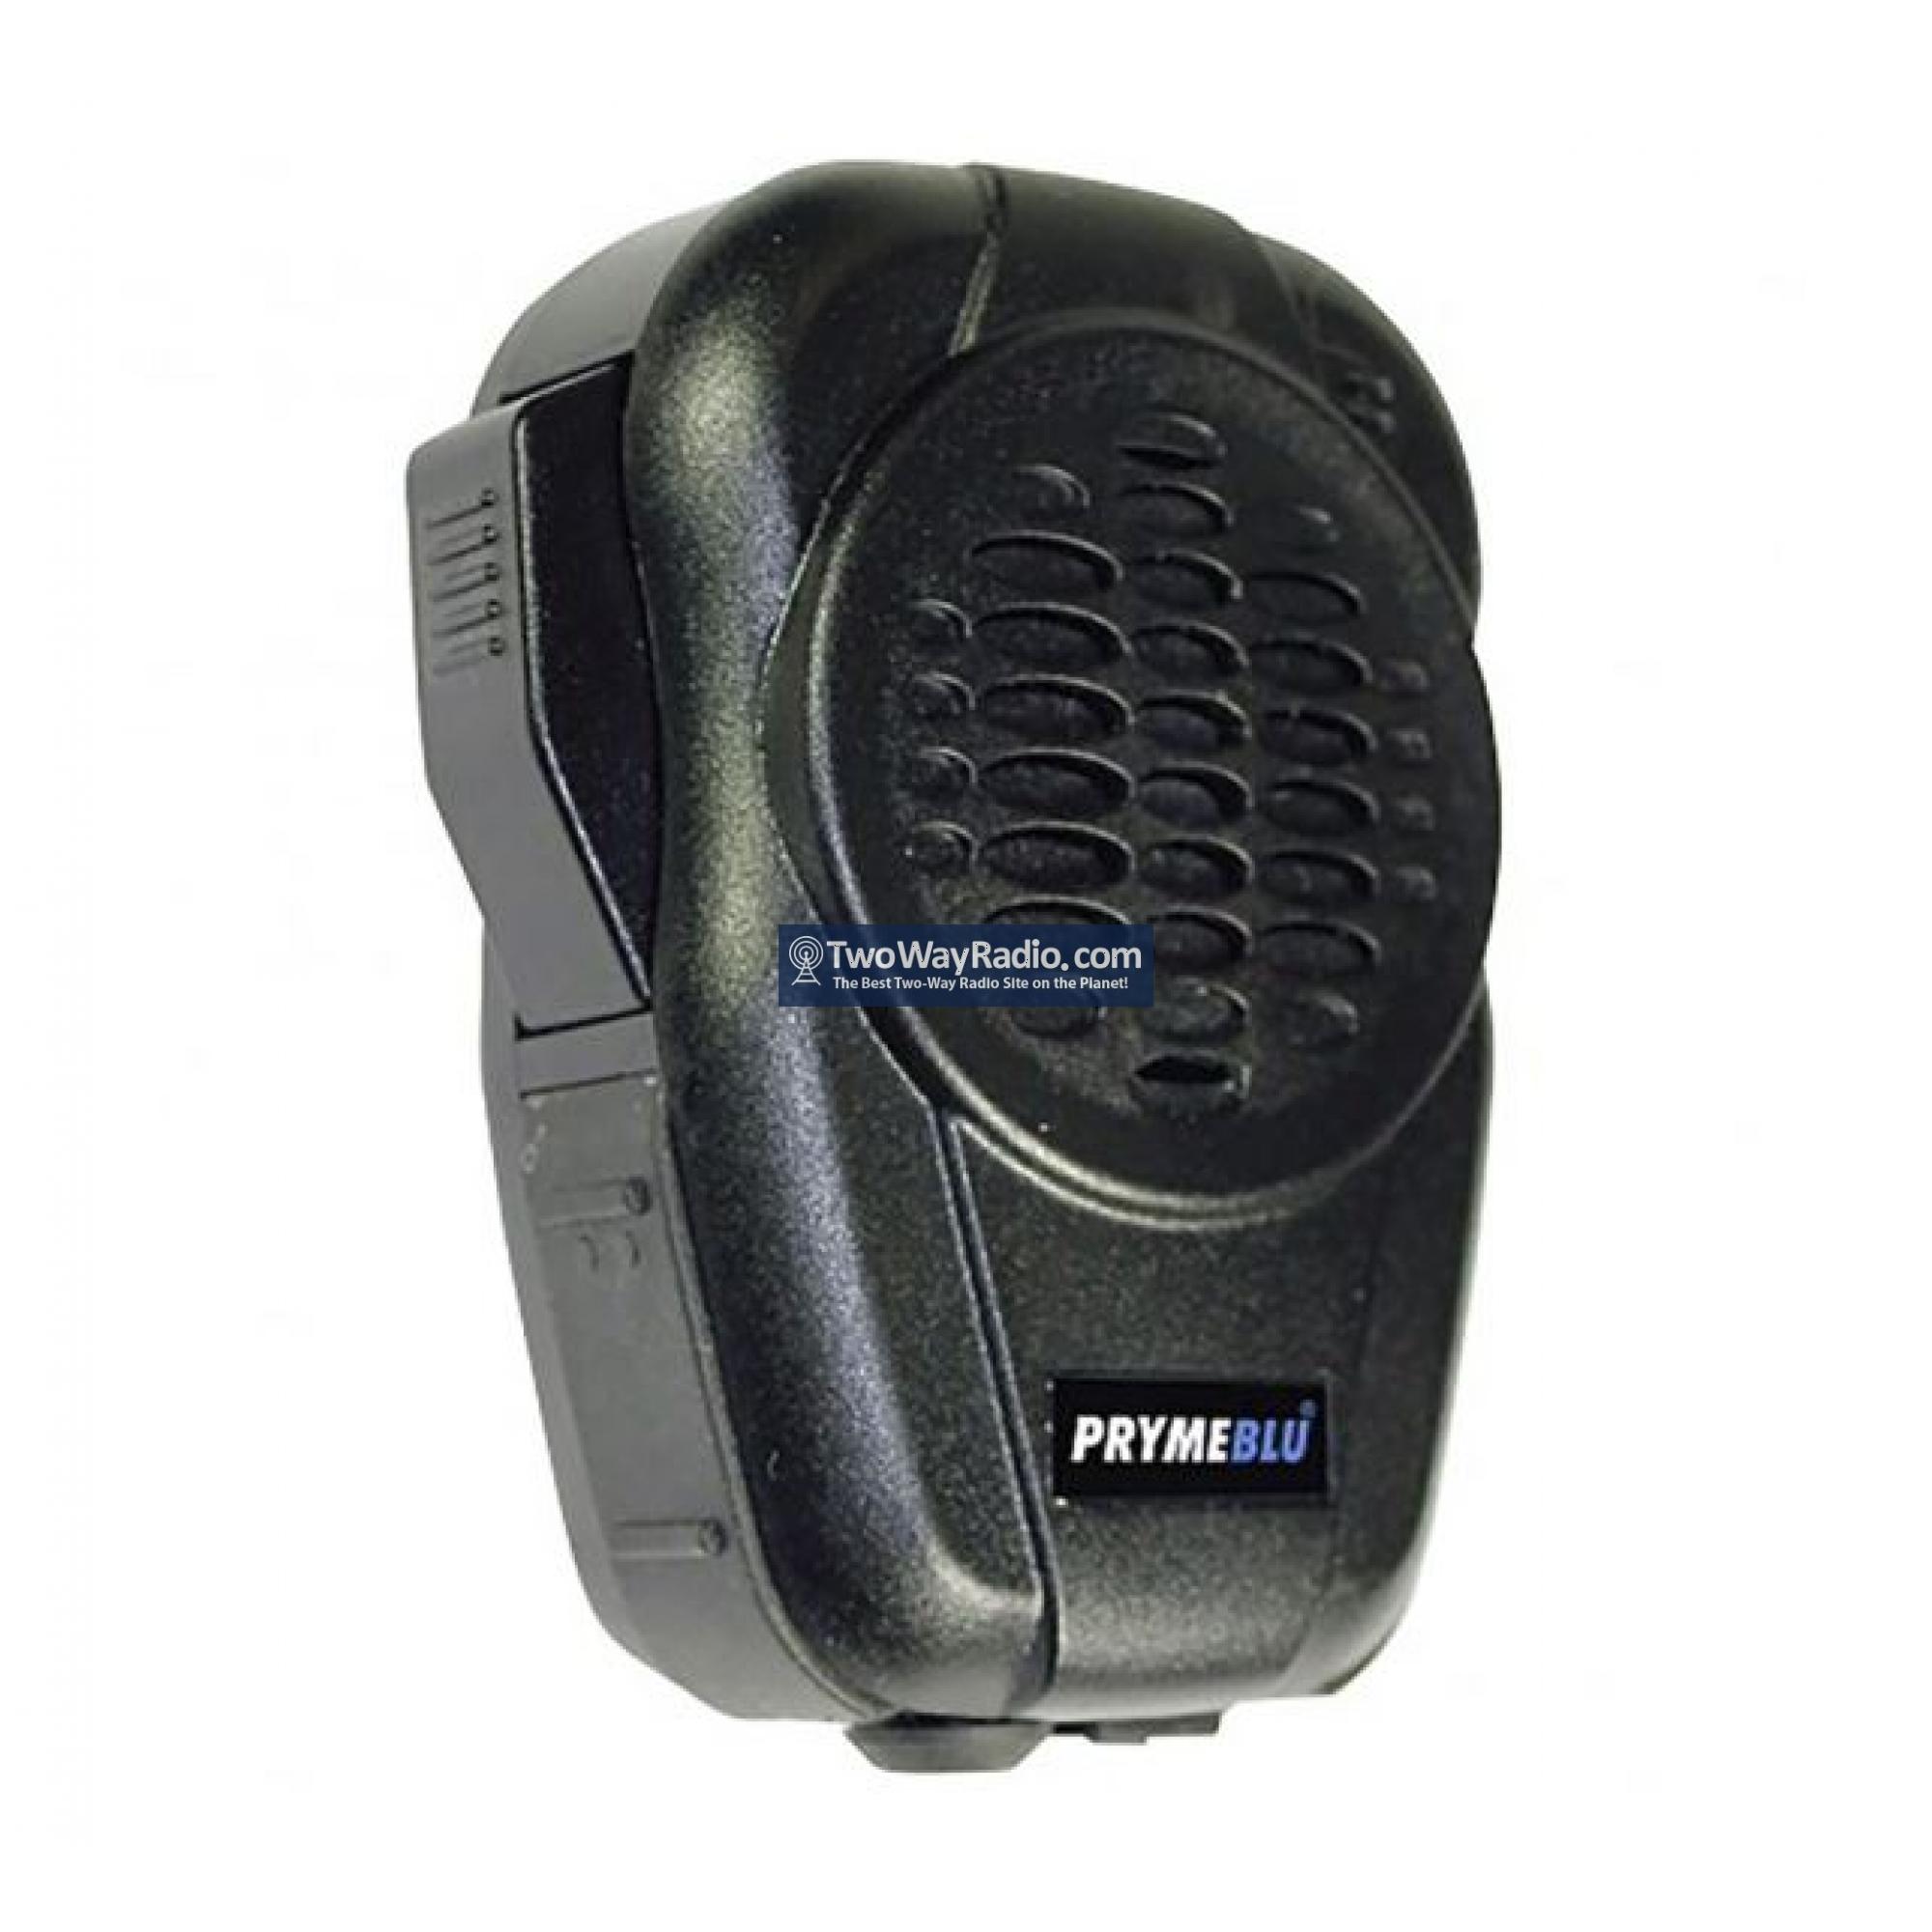 Buy Here | PrymeBlu BTH-600-IC Speaker Microphone